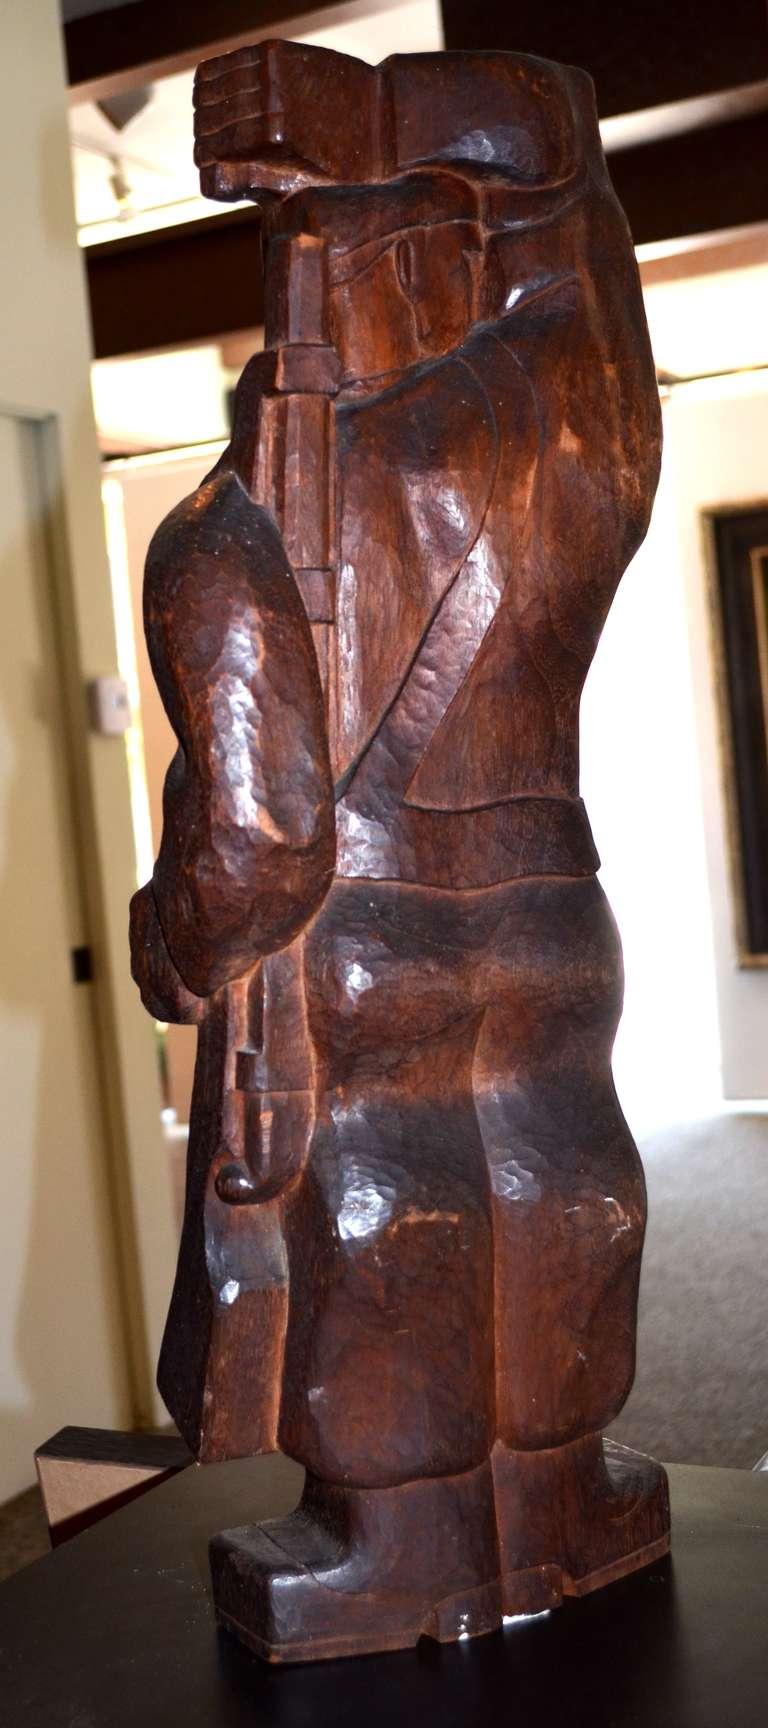 The Partisan - Art Deco Sculpture by Burton Freund